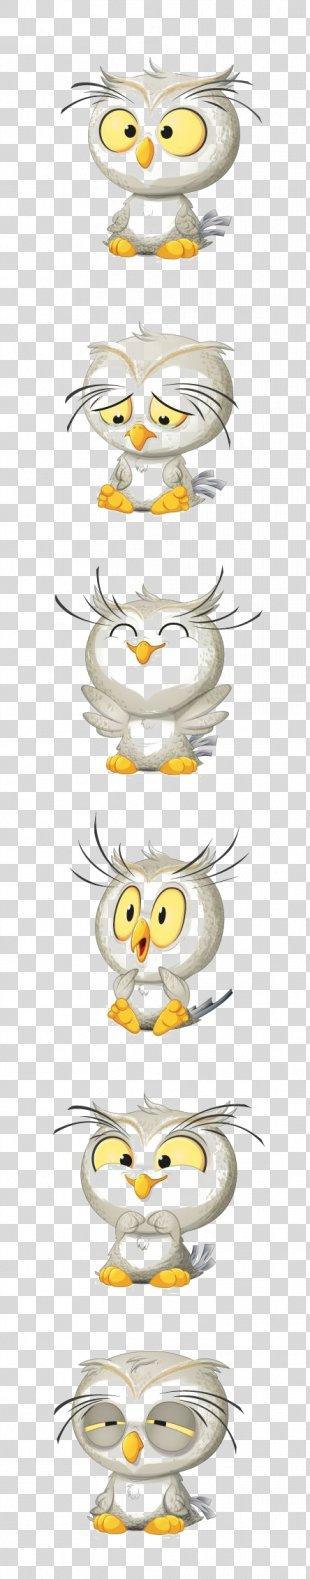 Owl Drawing Cartoon - Cartoon Owl PNG